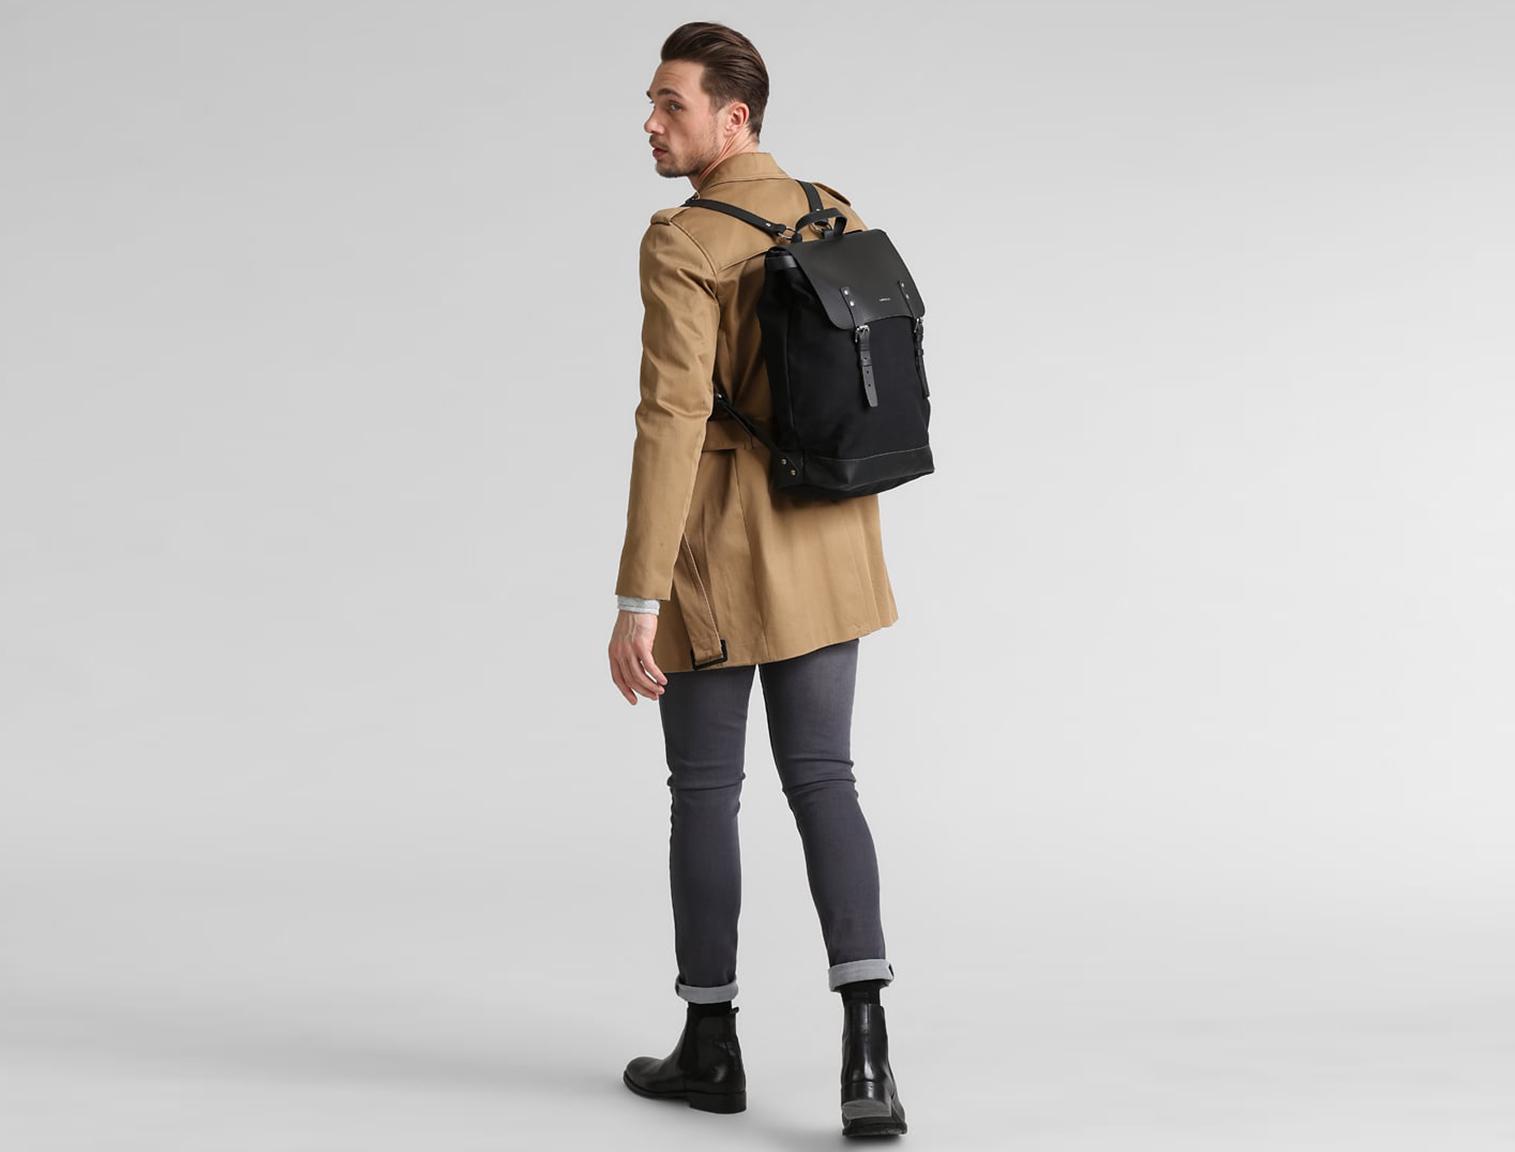 Resultado de imagen de hombres con mochilas